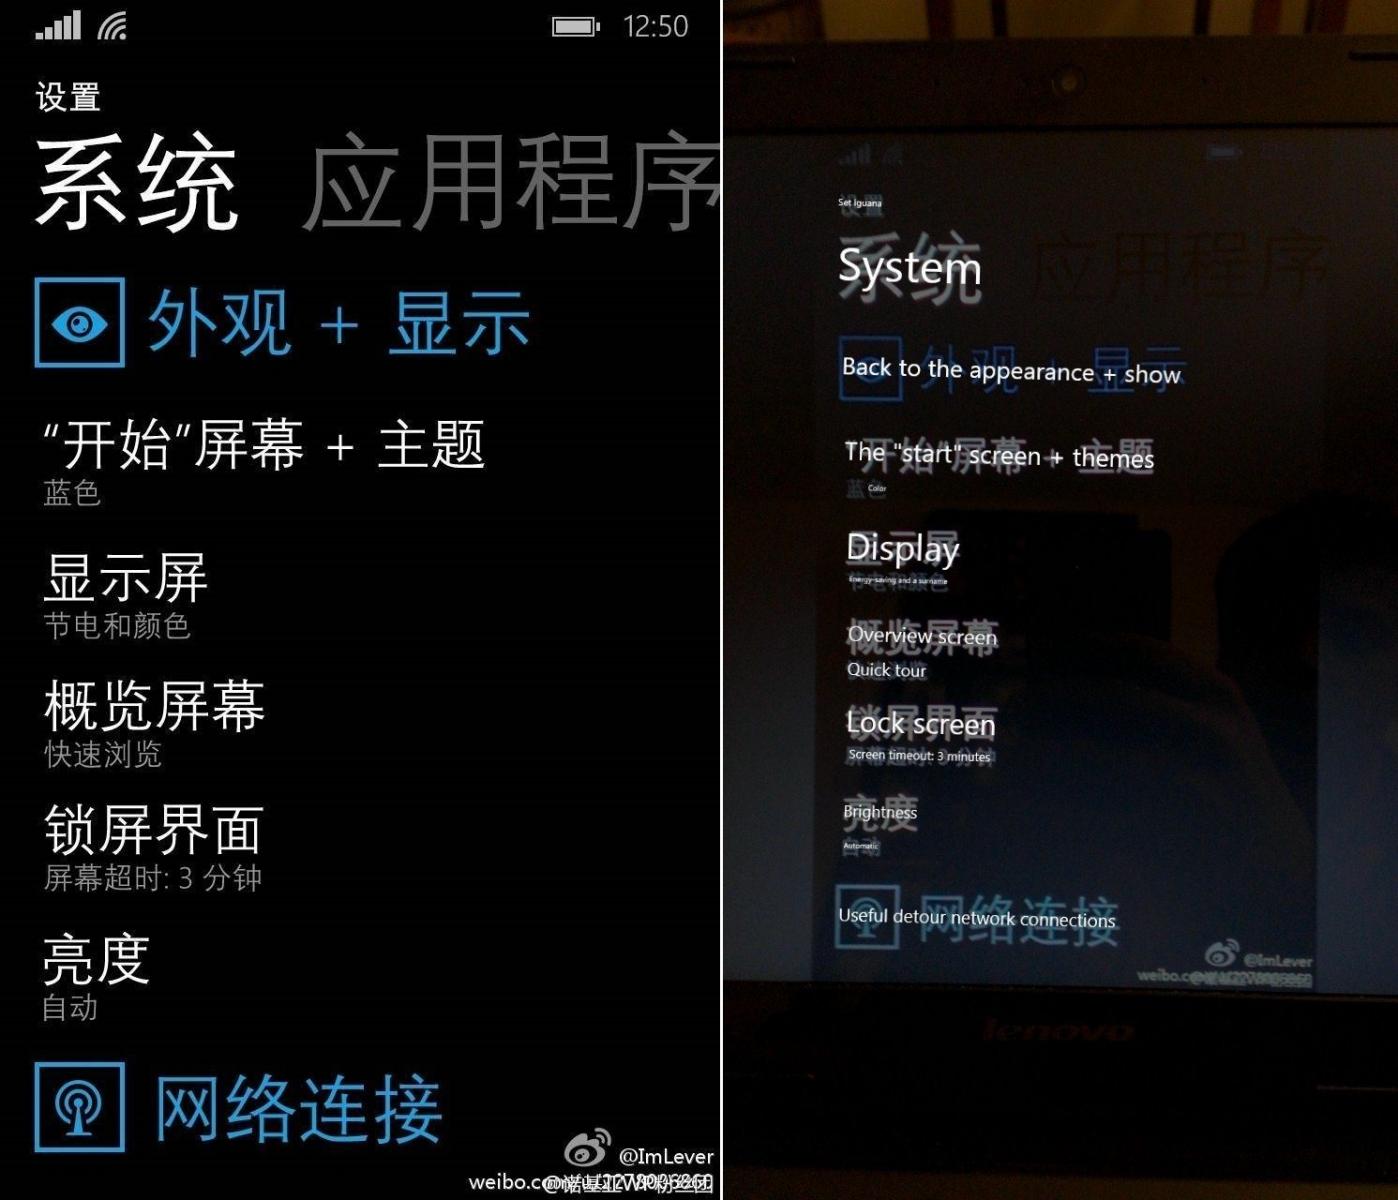 Windows 10 În varianta mobilă se afișează În primele imagini live